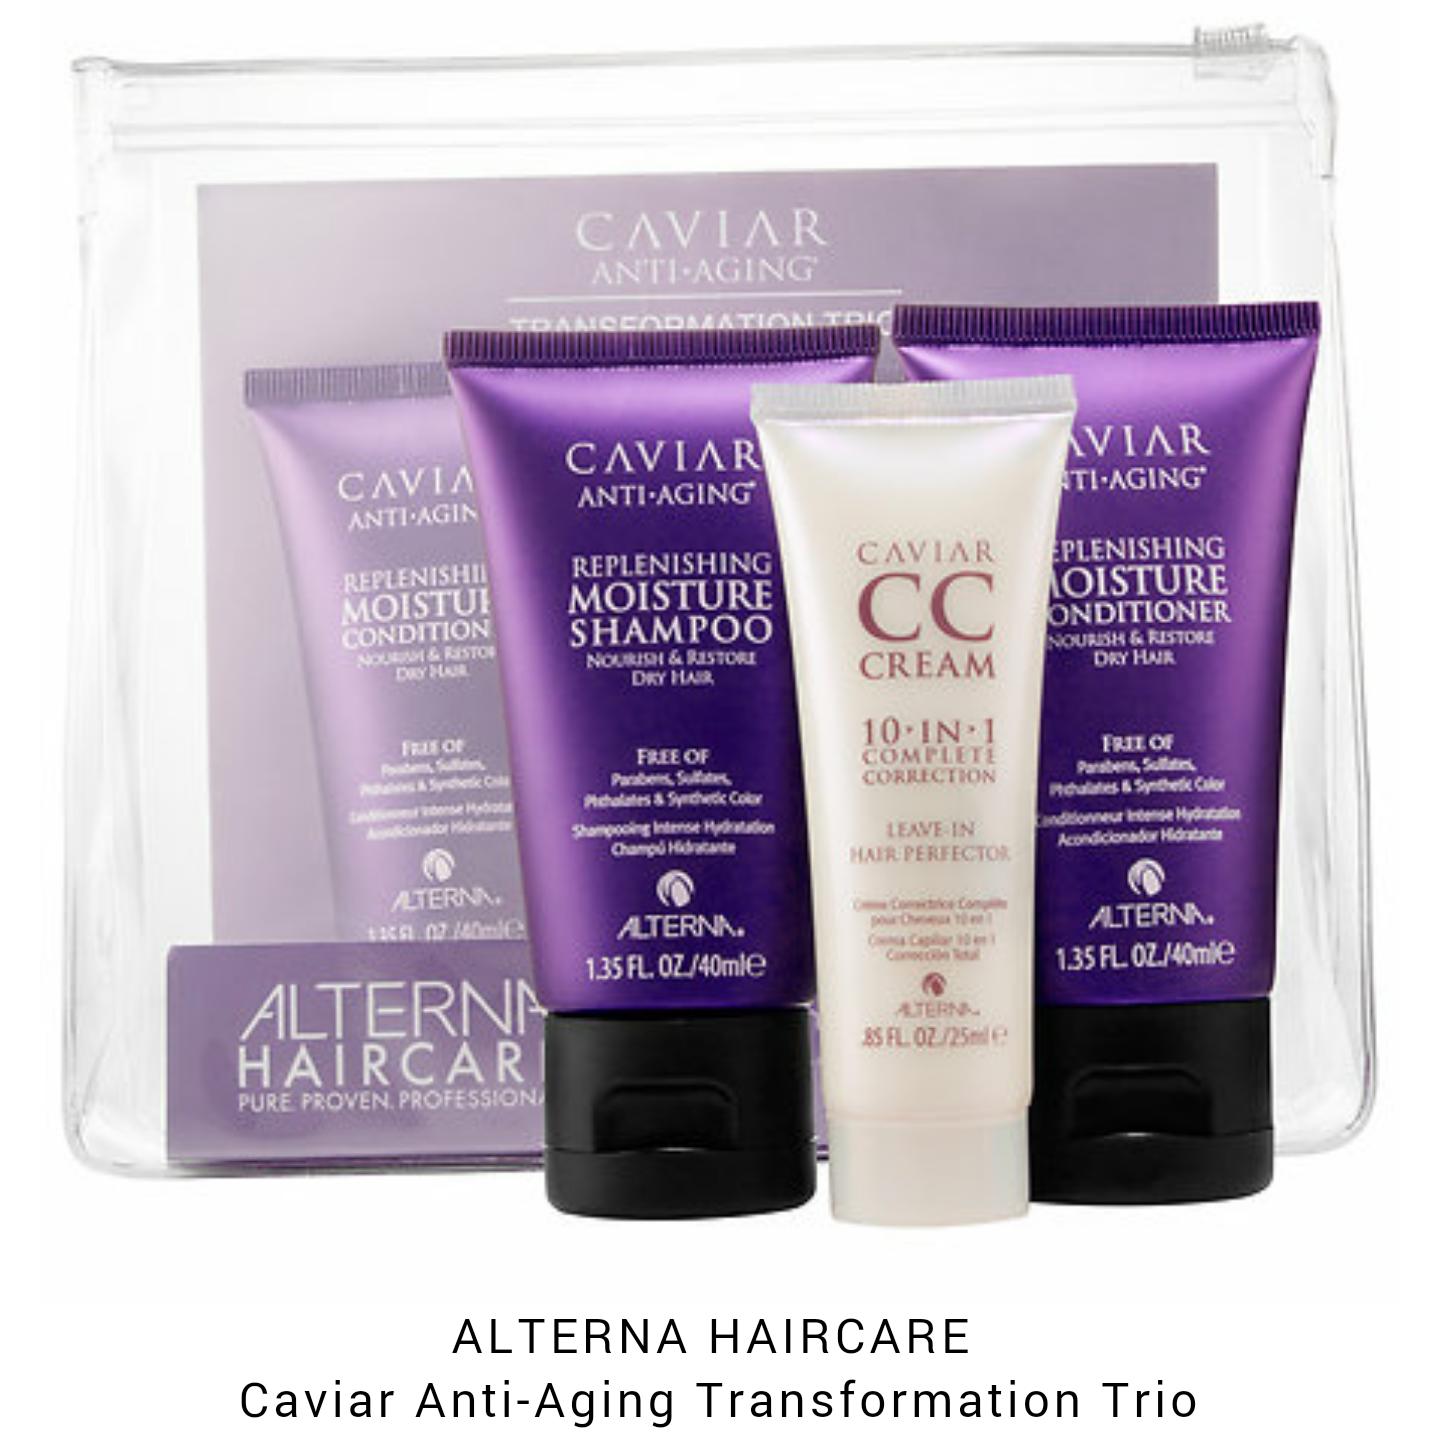 Sephora Black Friday 2015 Beauty Deals Preview Nouveau Cheap